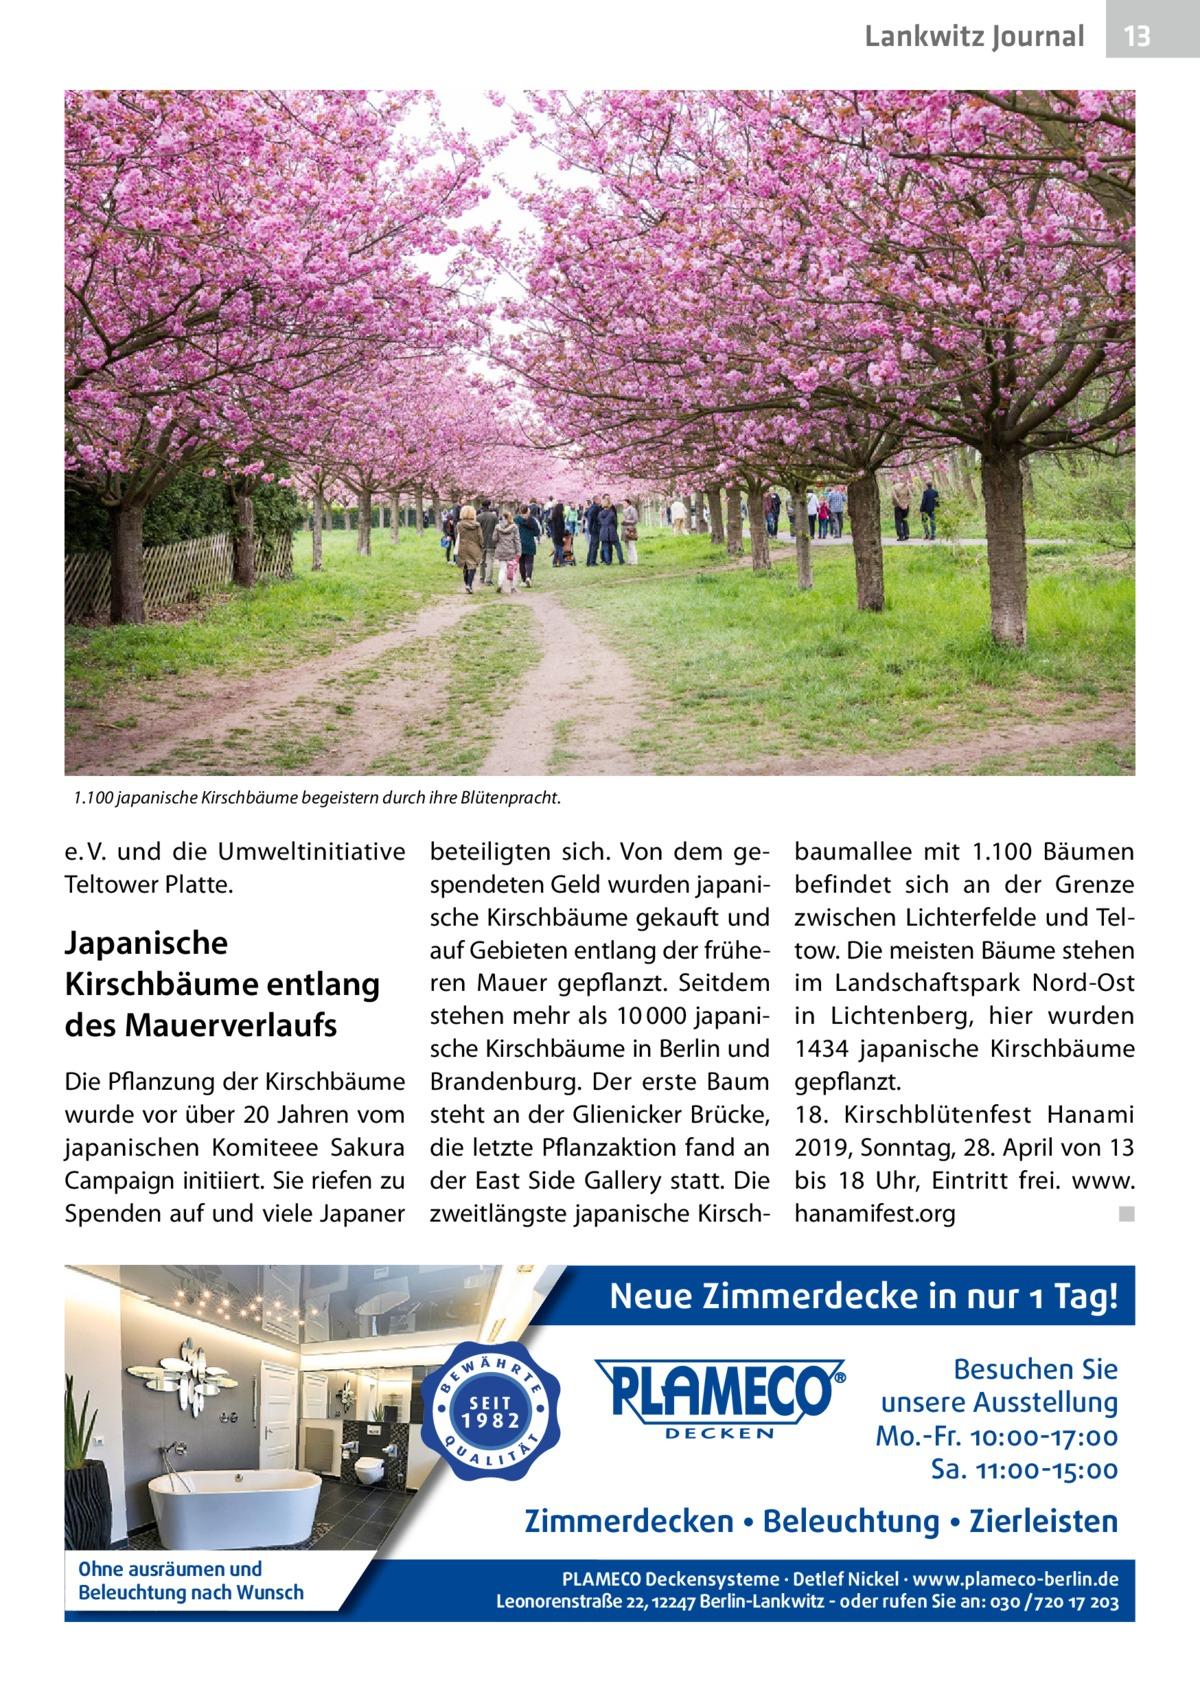 Lankwitz Journal  13  1.100 japanische Kirschbäume begeistern durch ihre Blütenpracht.  e.V. und die Umweltinitiative beteiligten sich. Von dem geTeltower Platte. spendeten Geld wurden japanische Kirschbäume gekauft und Japanische auf Gebieten entlang der früheKirschbäume entlang ren Mauer gepflanzt. Seitdem stehen mehr als 10000japanides Mauerverlaufs sche Kirschbäume in Berlin und Die Pflanzung der Kirschbäume Brandenburg. Der erste Baum wurde vor über 20Jahren vom steht an der Glienicker Brücke, japanischen Komiteee Sakura die letzte Pflanzaktion fand an Campaign initiiert. Sie riefen zu der East Side Gallery statt. Die Spenden auf und viele Japaner zweitlängste japanische Kirsch baumallee mit 1.100 Bäumen befindet sich an der Grenze zwischen Lichterfelde und Teltow. Die meisten Bäume stehen im Landschaftspark Nord-Ost in Lichtenberg, hier wurden 1434 japanische Kirschbäume gepflanzt. 18. Kirschblütenfest Hanami 2019, Sonntag, 28.April von 13 bis 18 Uhr, Eintritt frei. www. hanamifest.org � ◾  Neue Zimmerdecke in nur 1 Tag! Besuchen Sie unsere Ausstellung Mo.-Fr. 10:00-17:00 Sa. 11:00-15:00  Zimmerdecken • Beleuchtung • Zierleisten Ohne ausräumen und Beleuchtung nach Wunsch  PLAMECO Deckensysteme ∙ Detlef Nickel ∙ www.plameco-berlin.de Leonorenstraße 22, 12247 Berlin-Lankwitz - oder rufen Sie an: 030 /720 17 203